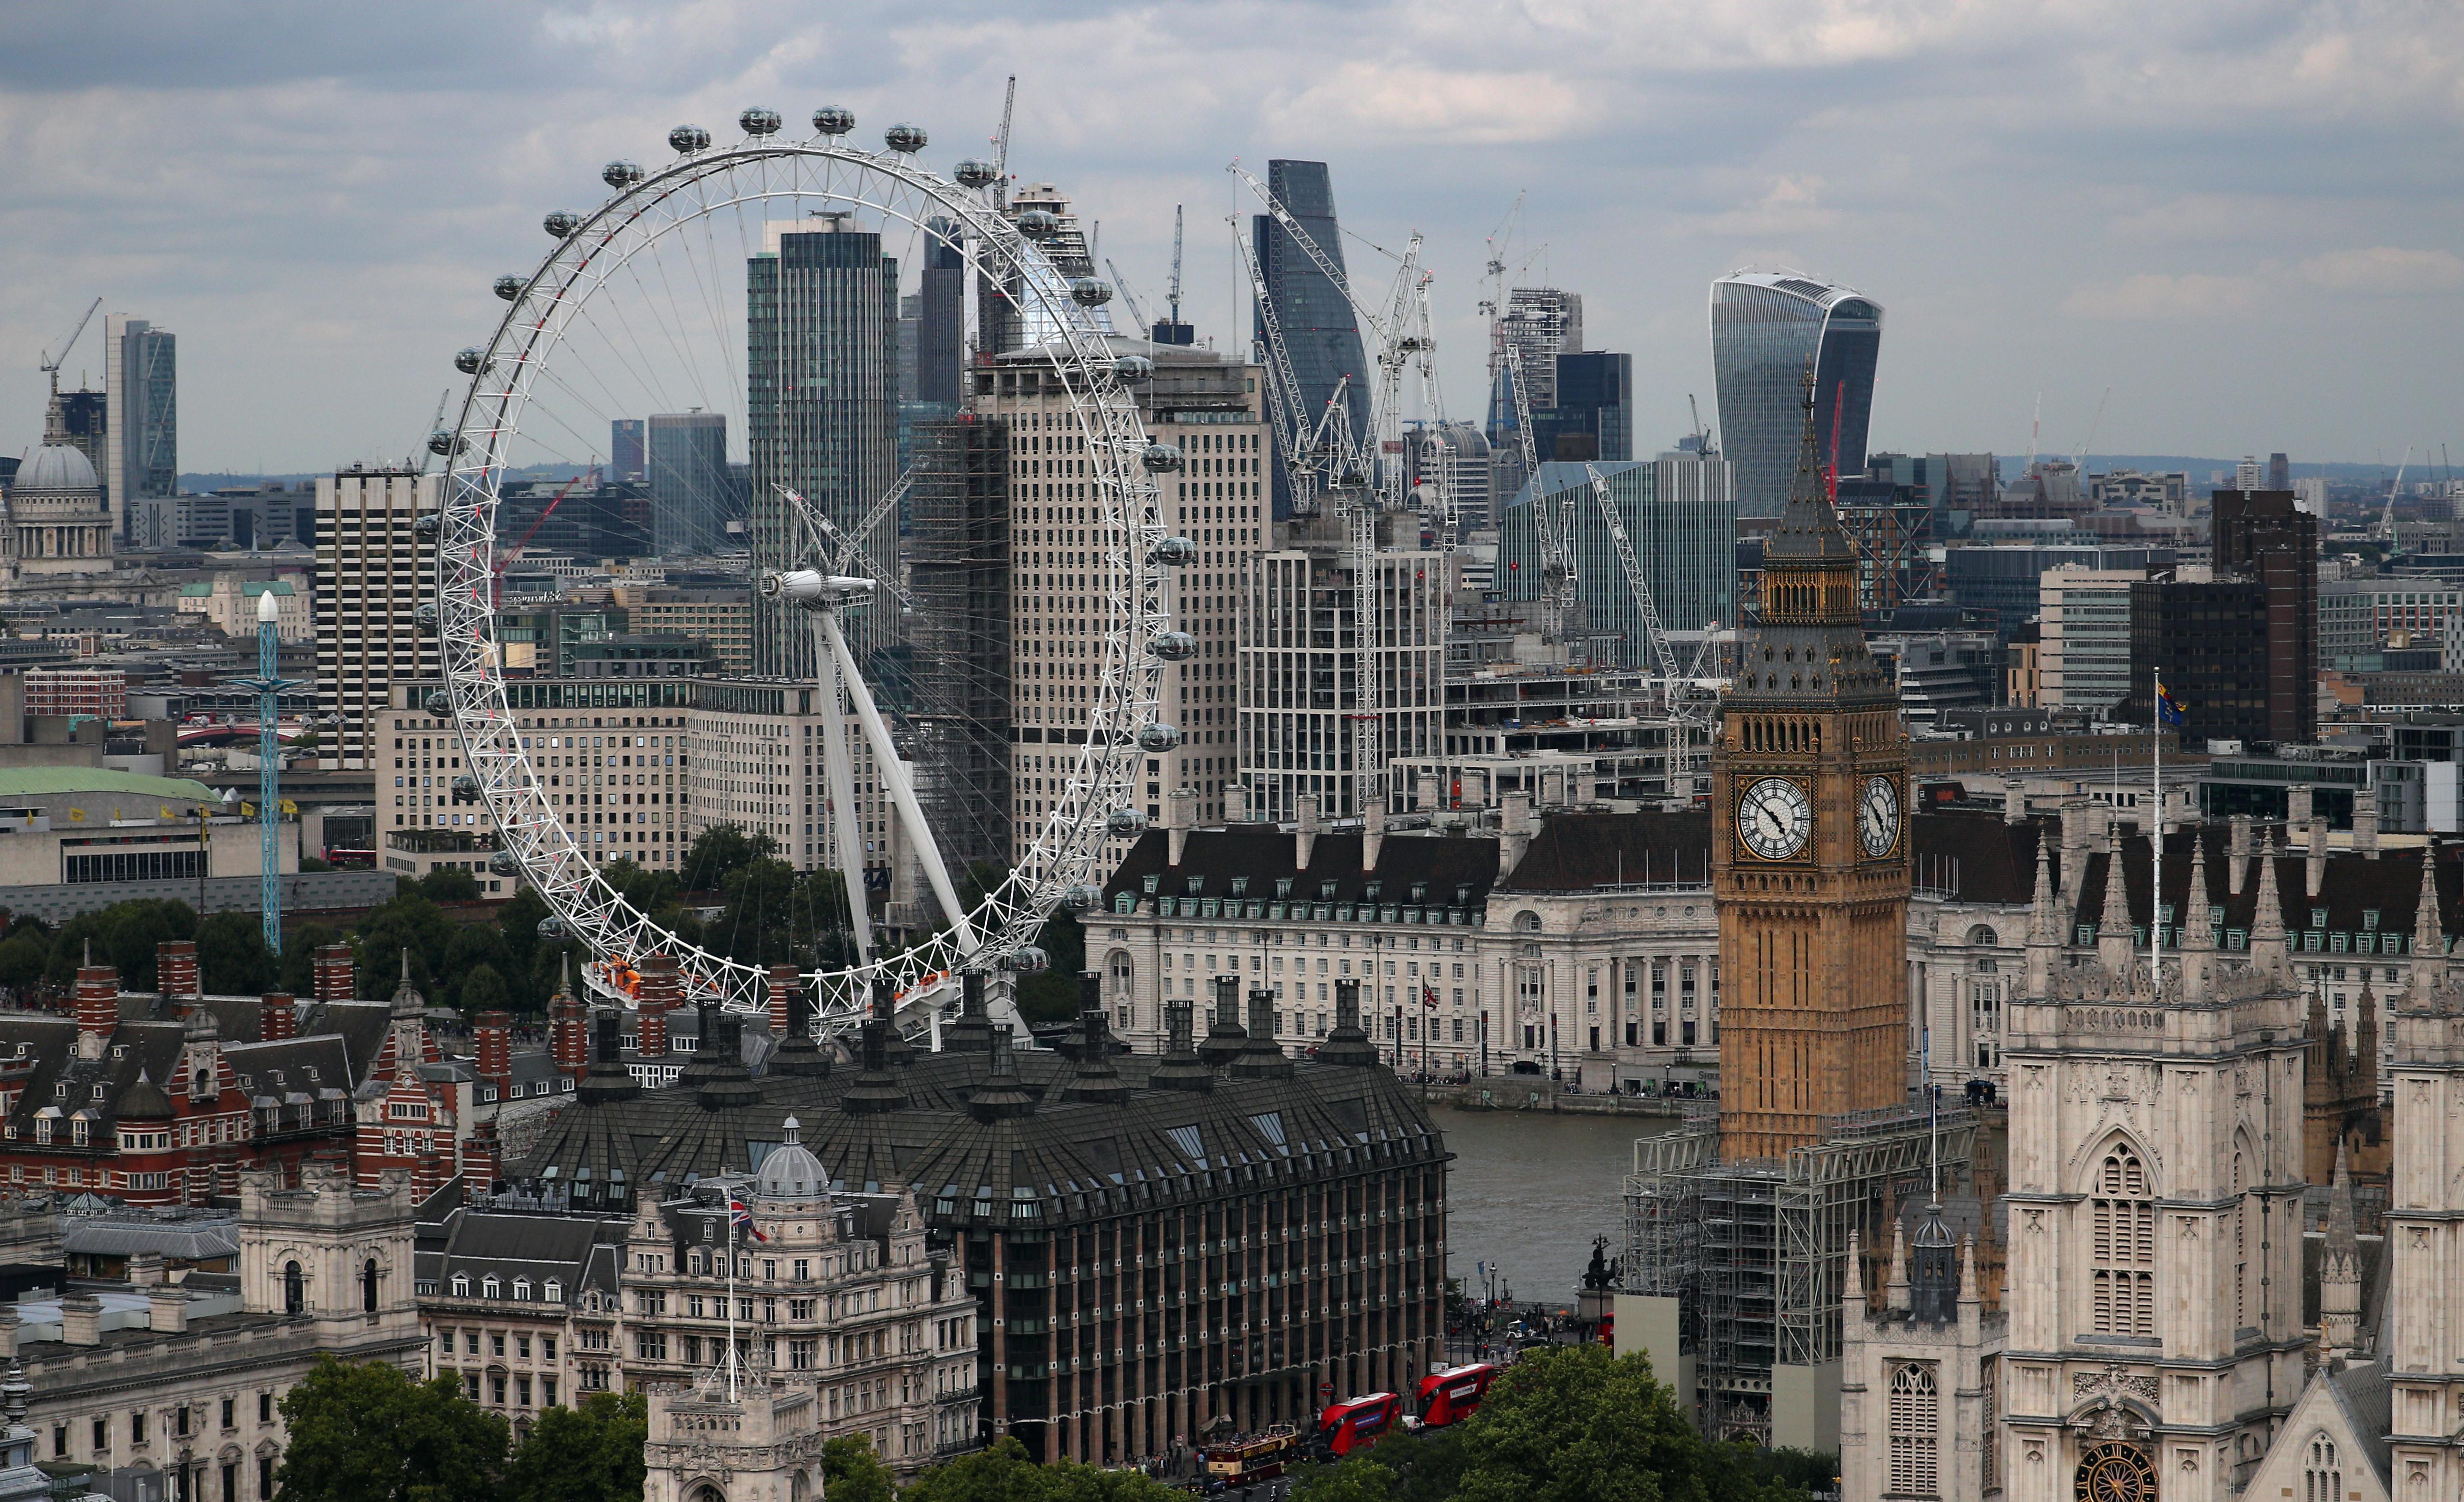 Τεράστια στήθη πλημμύρισαν το Λονδίνο για καλό